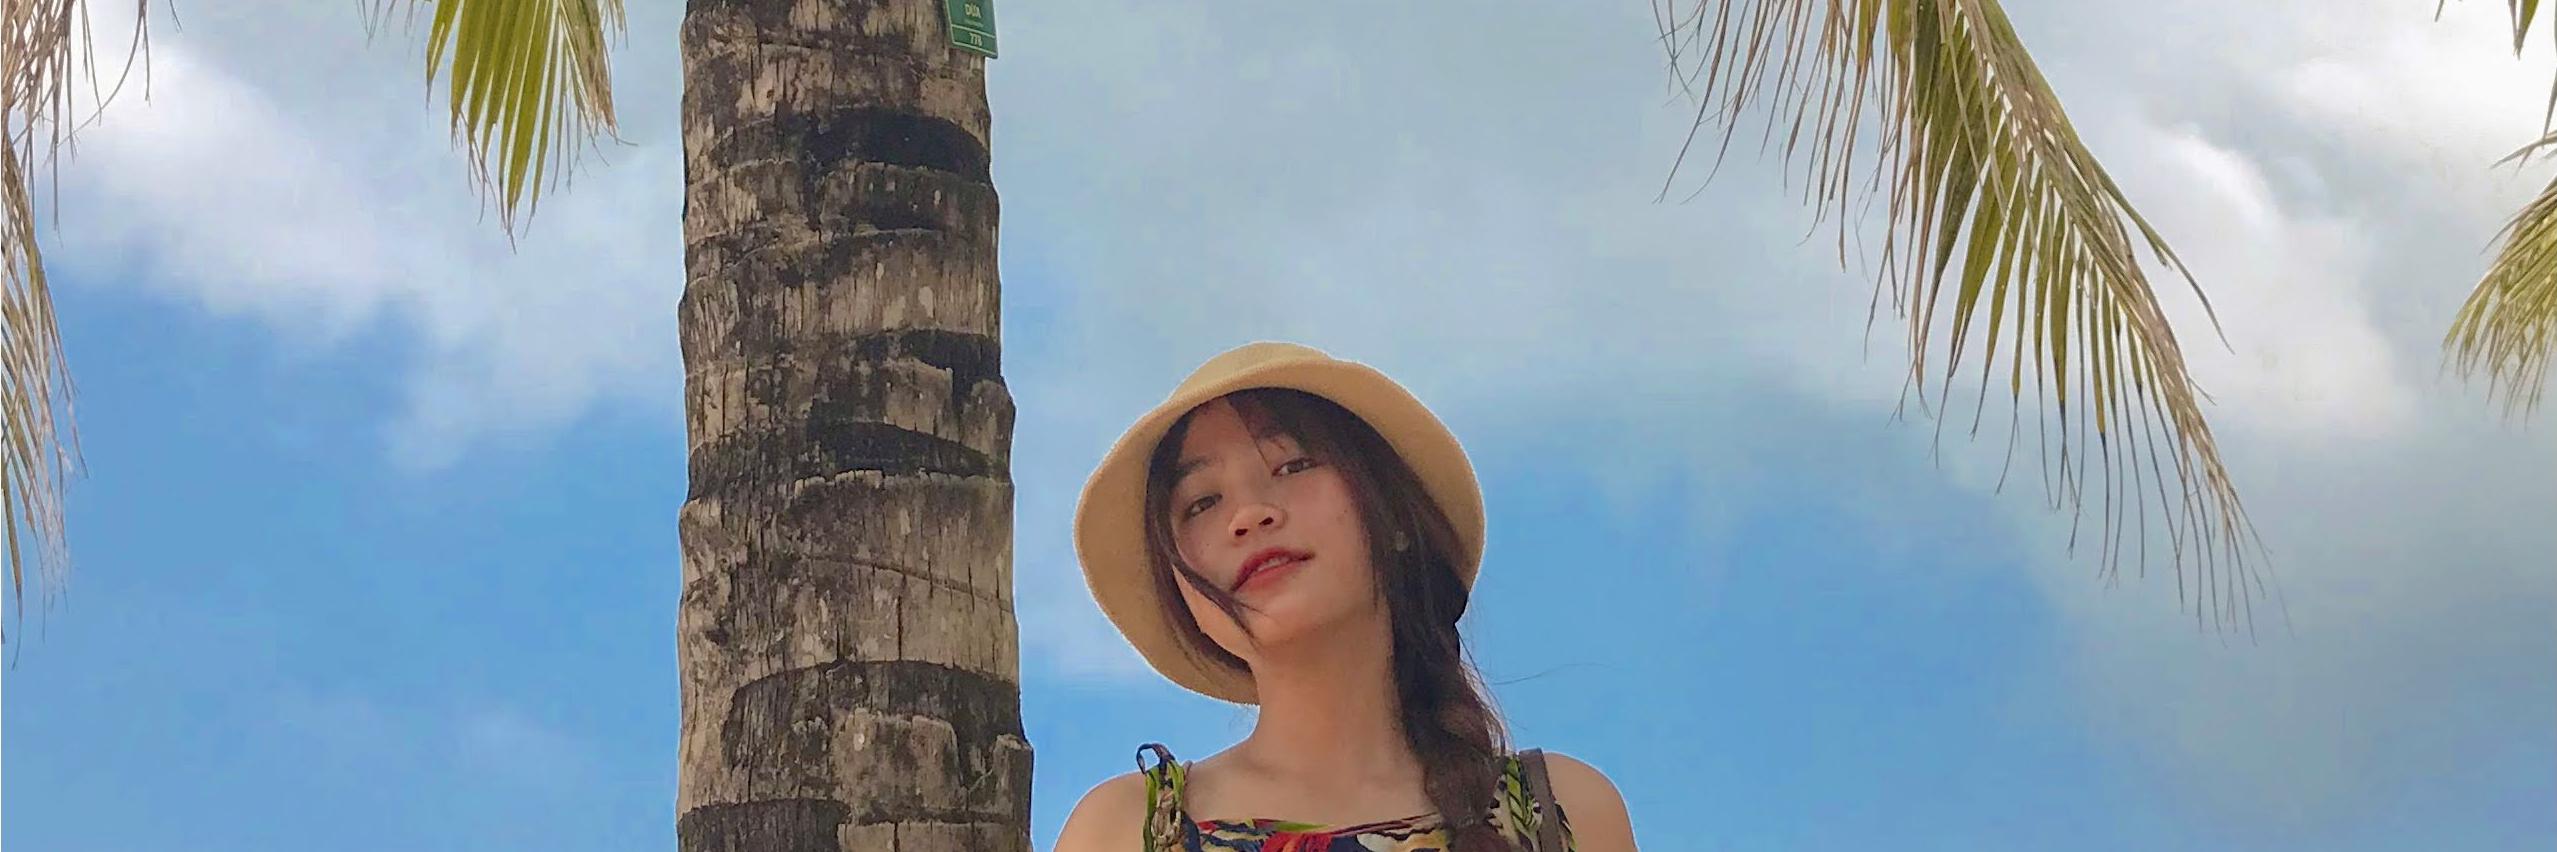 https://gody.vn/blog/kieudiem01633302/post/bo-anh-quan-quanh-vinpearl-resort-spa-phu-quoc-7767